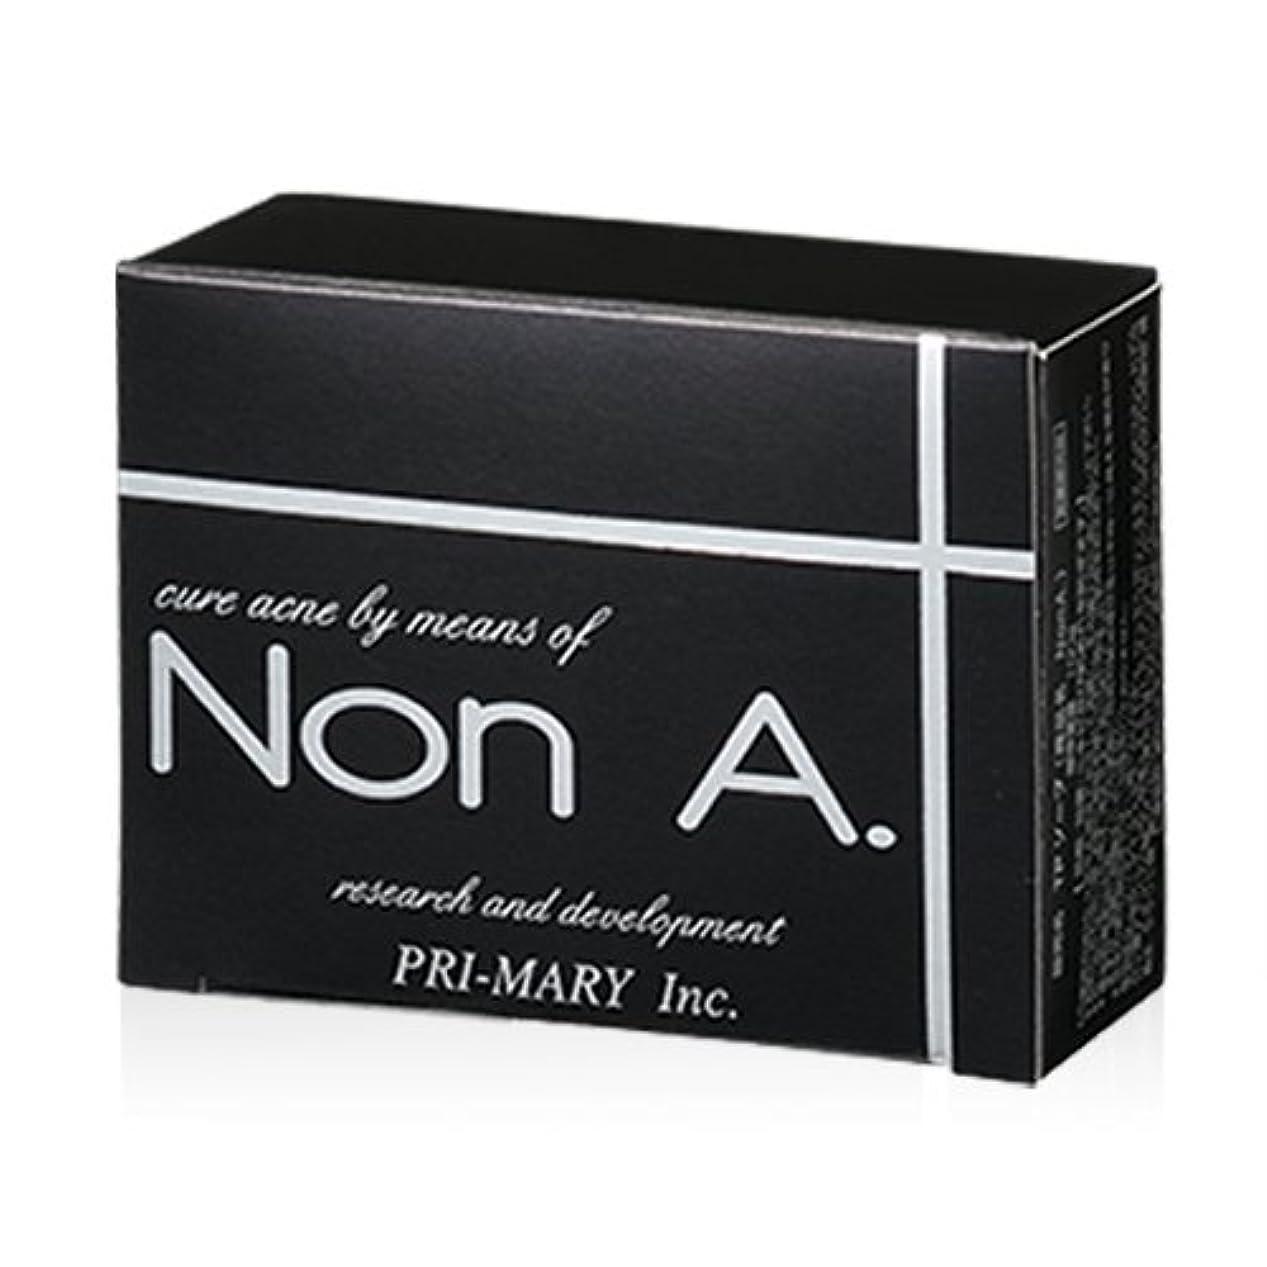 国内のロマンチック最大限Non A. ( ノンエー ) 洗顔ソープ [ ニキビ対策 / 100g ] 洗顔せっけん ピーリング成分不使用 ( プライマリー )